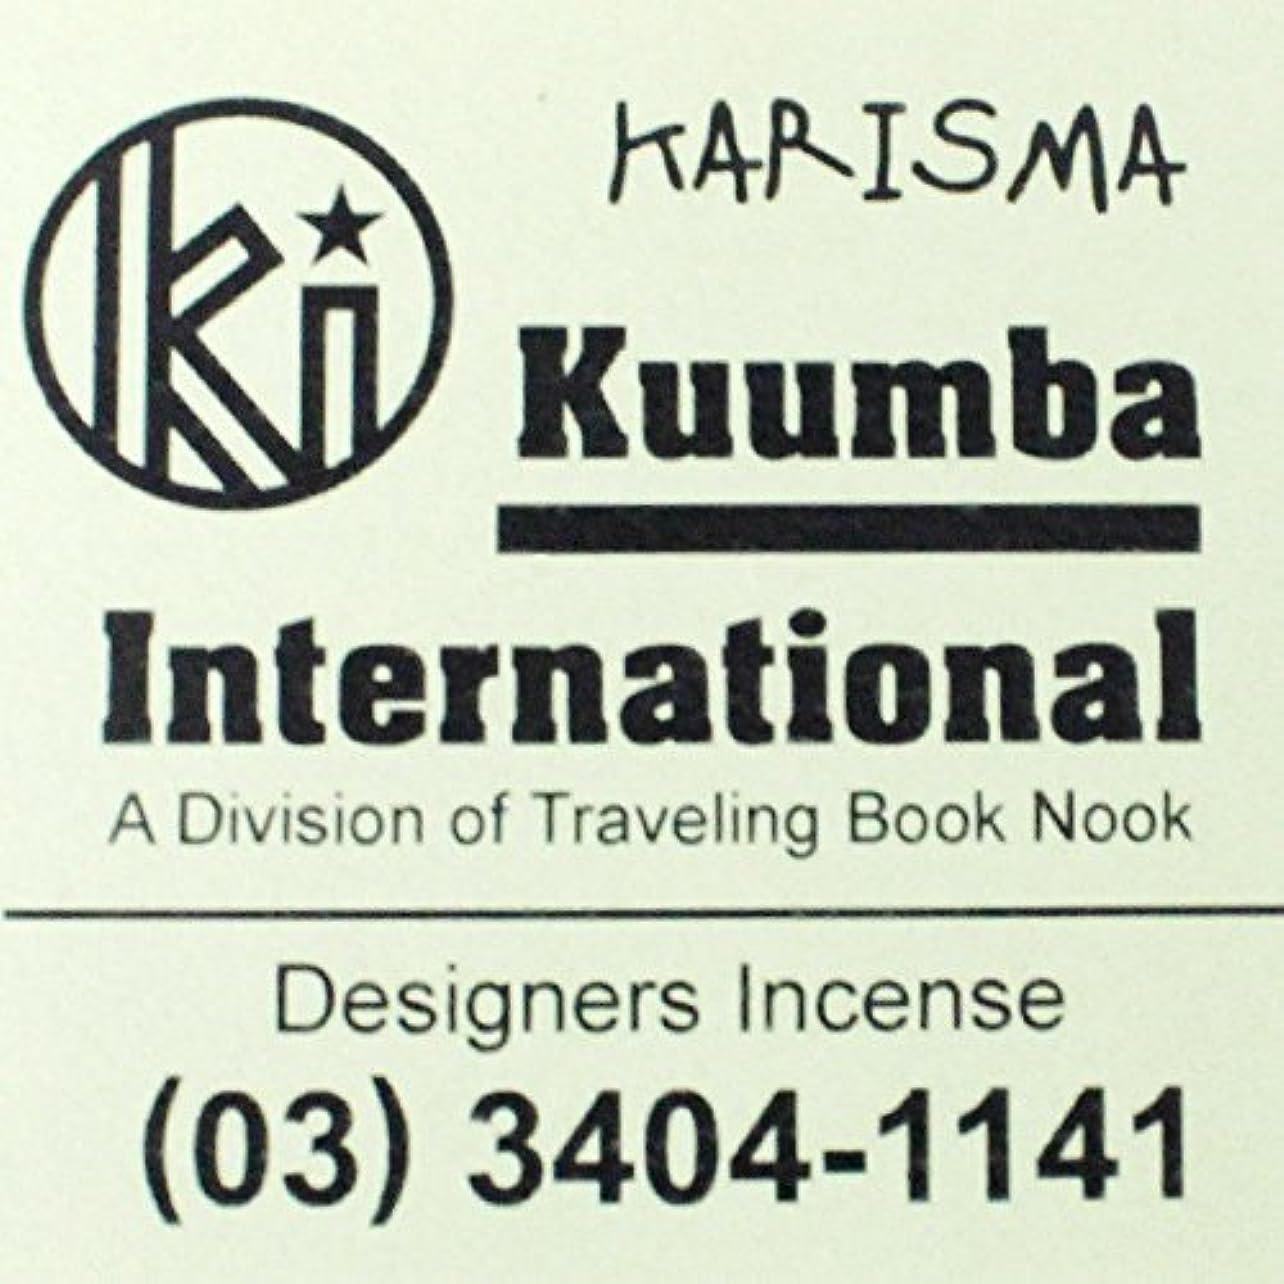 トラブル予防接種するトランクライブラリ(クンバ) KUUMBA『incense』(KARISMA) (Regular size)